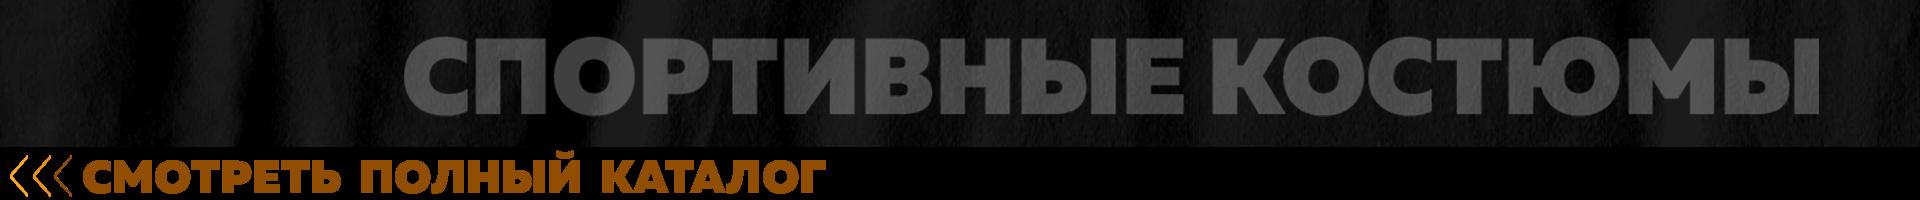 Перейти из магазина мужских спортивных костюмов Ростов на Дону в полный каталог.